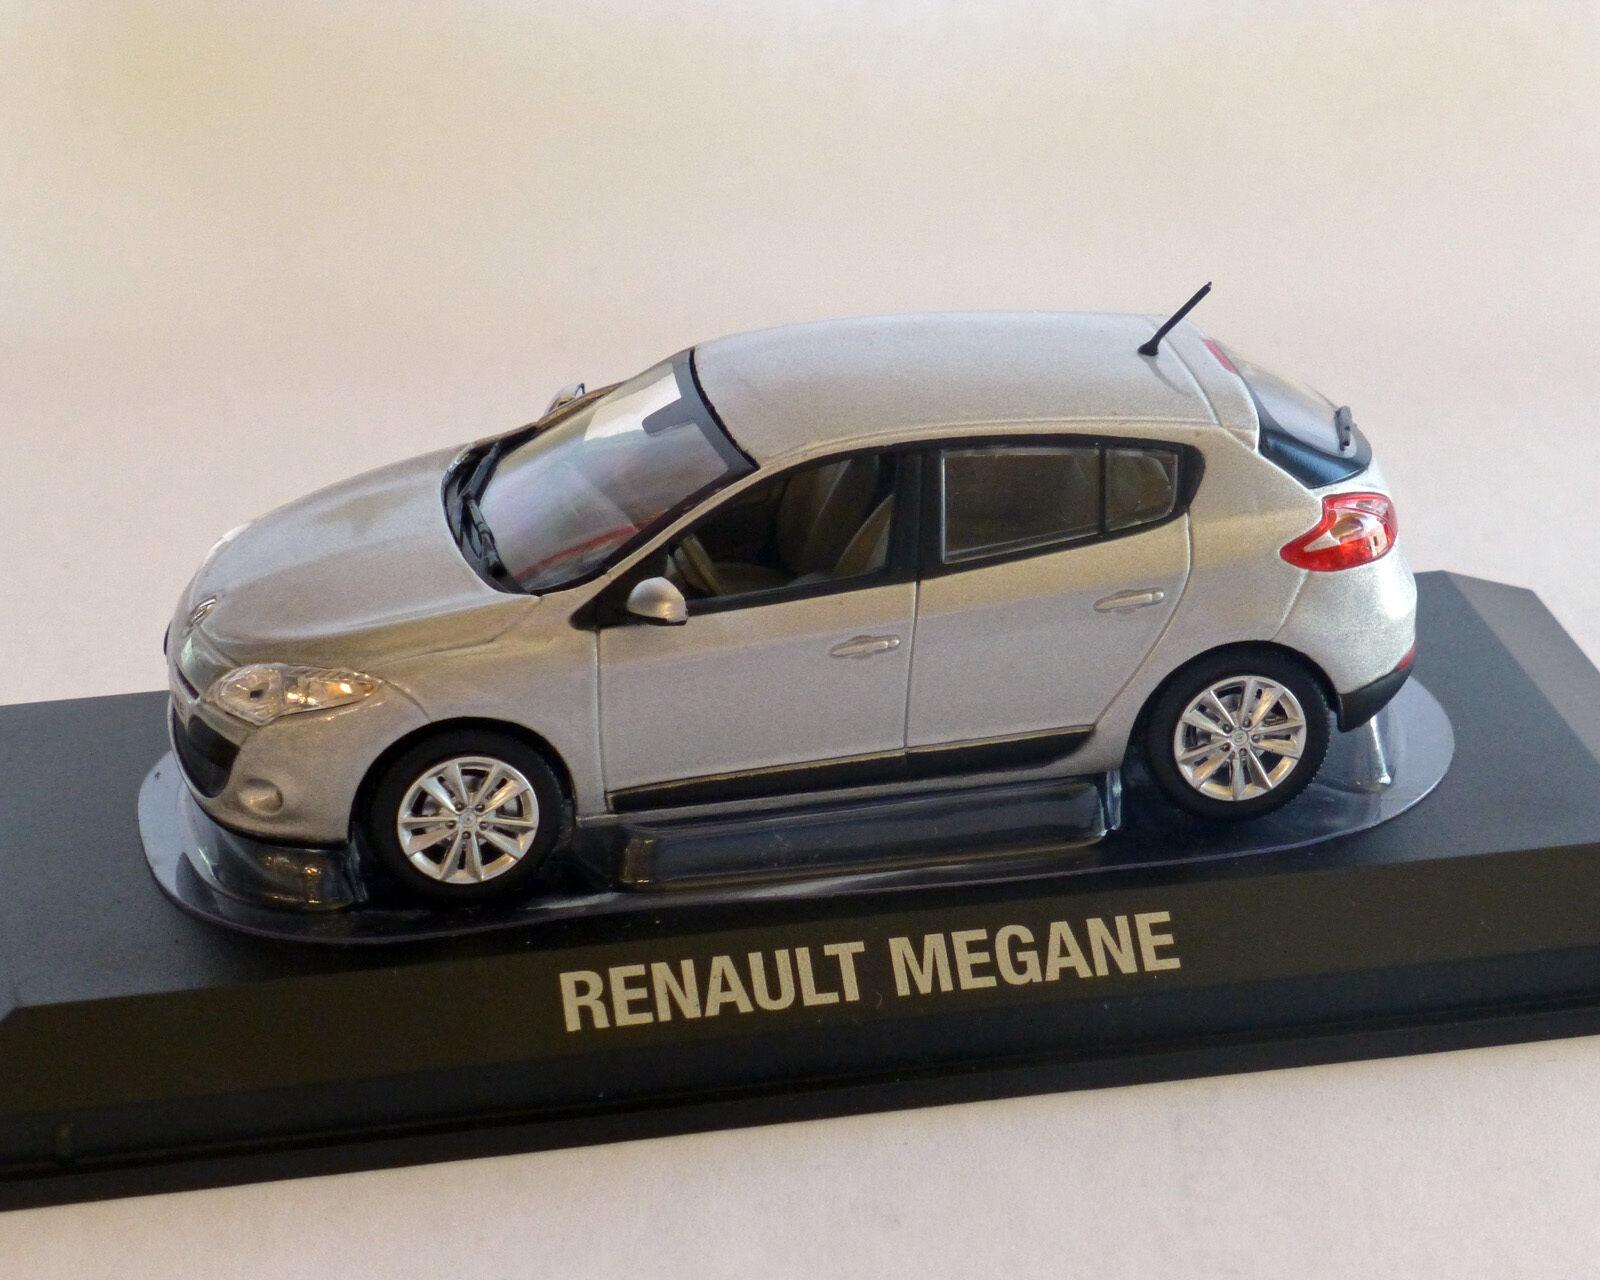 Renault megane Beline 2009 Argent-met, NOREV, 1 43